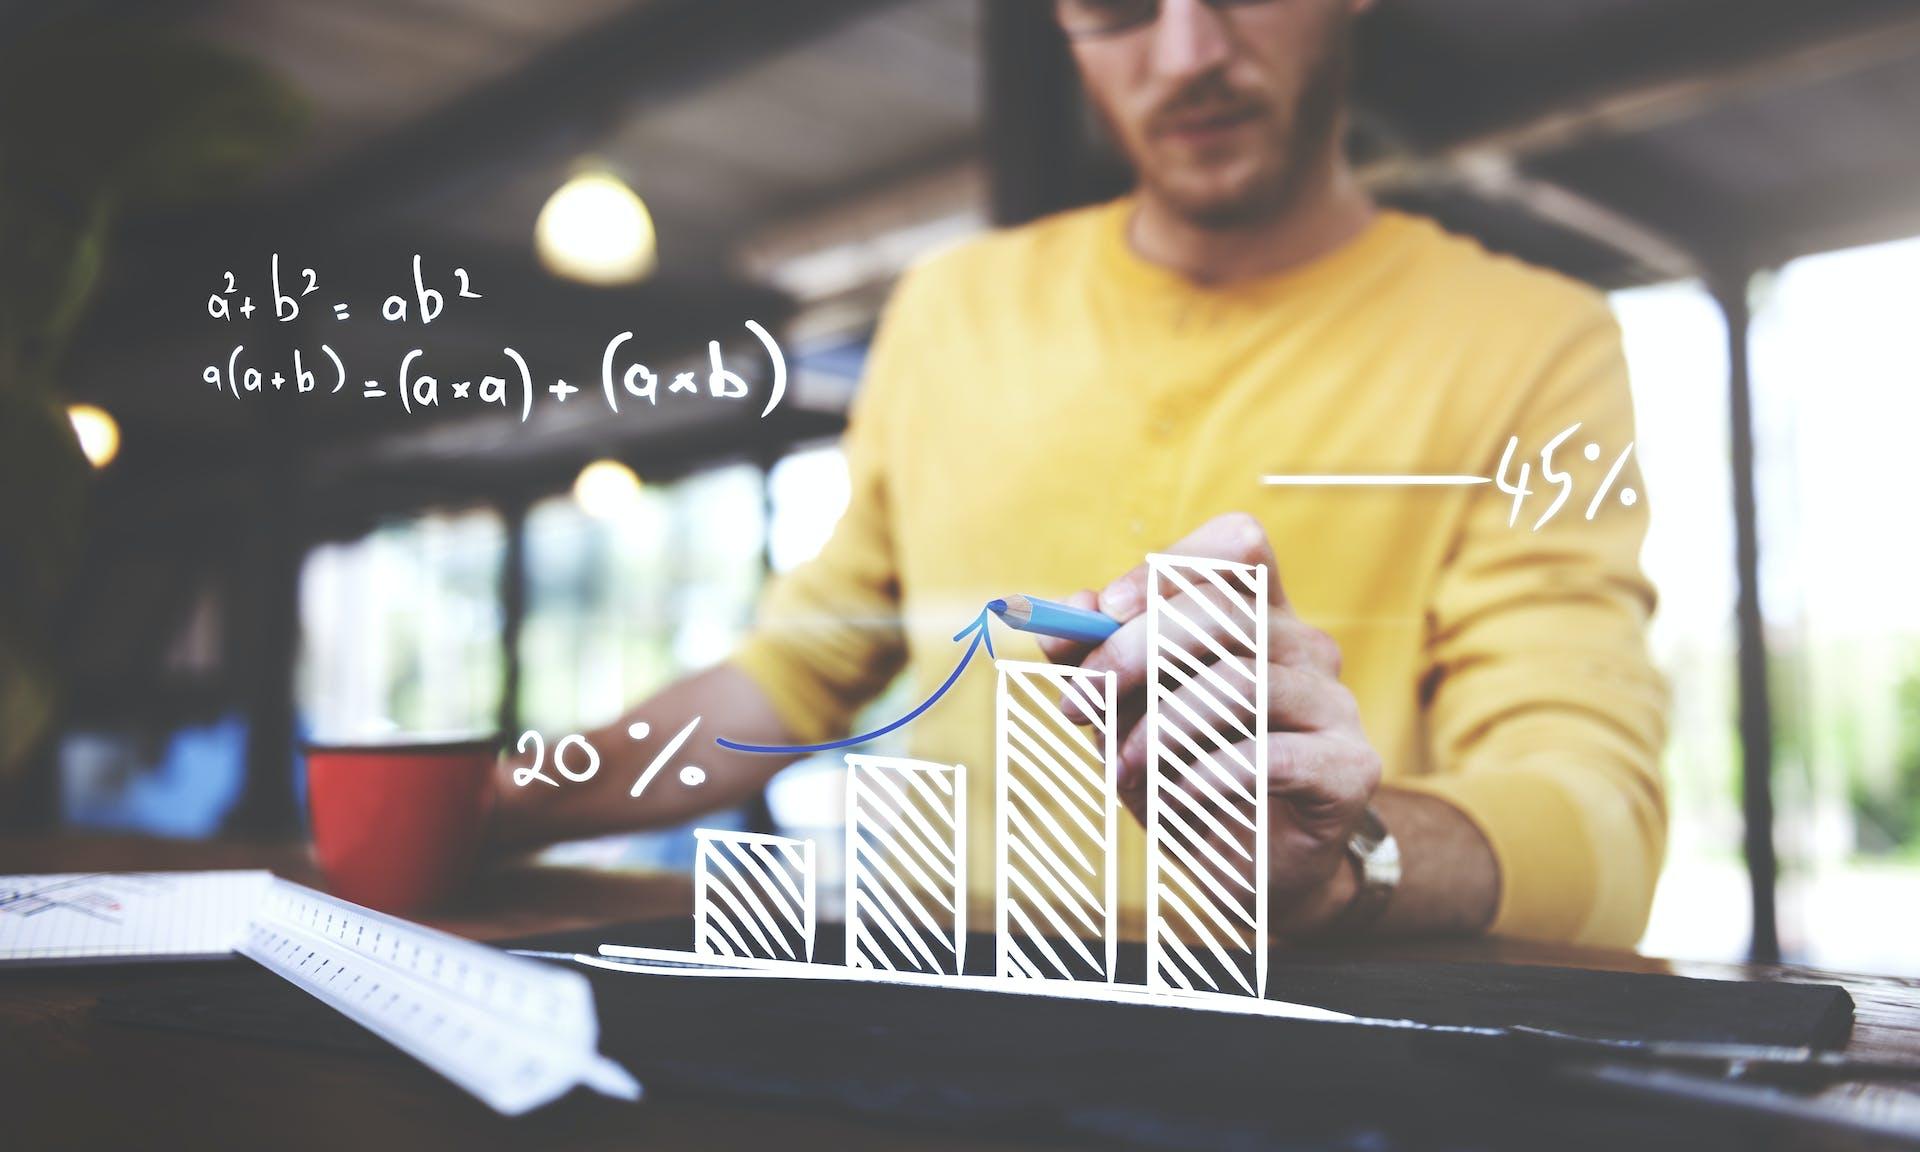 Cómo hacer tablas dinámicas en excel para tomar decisiones exitosas